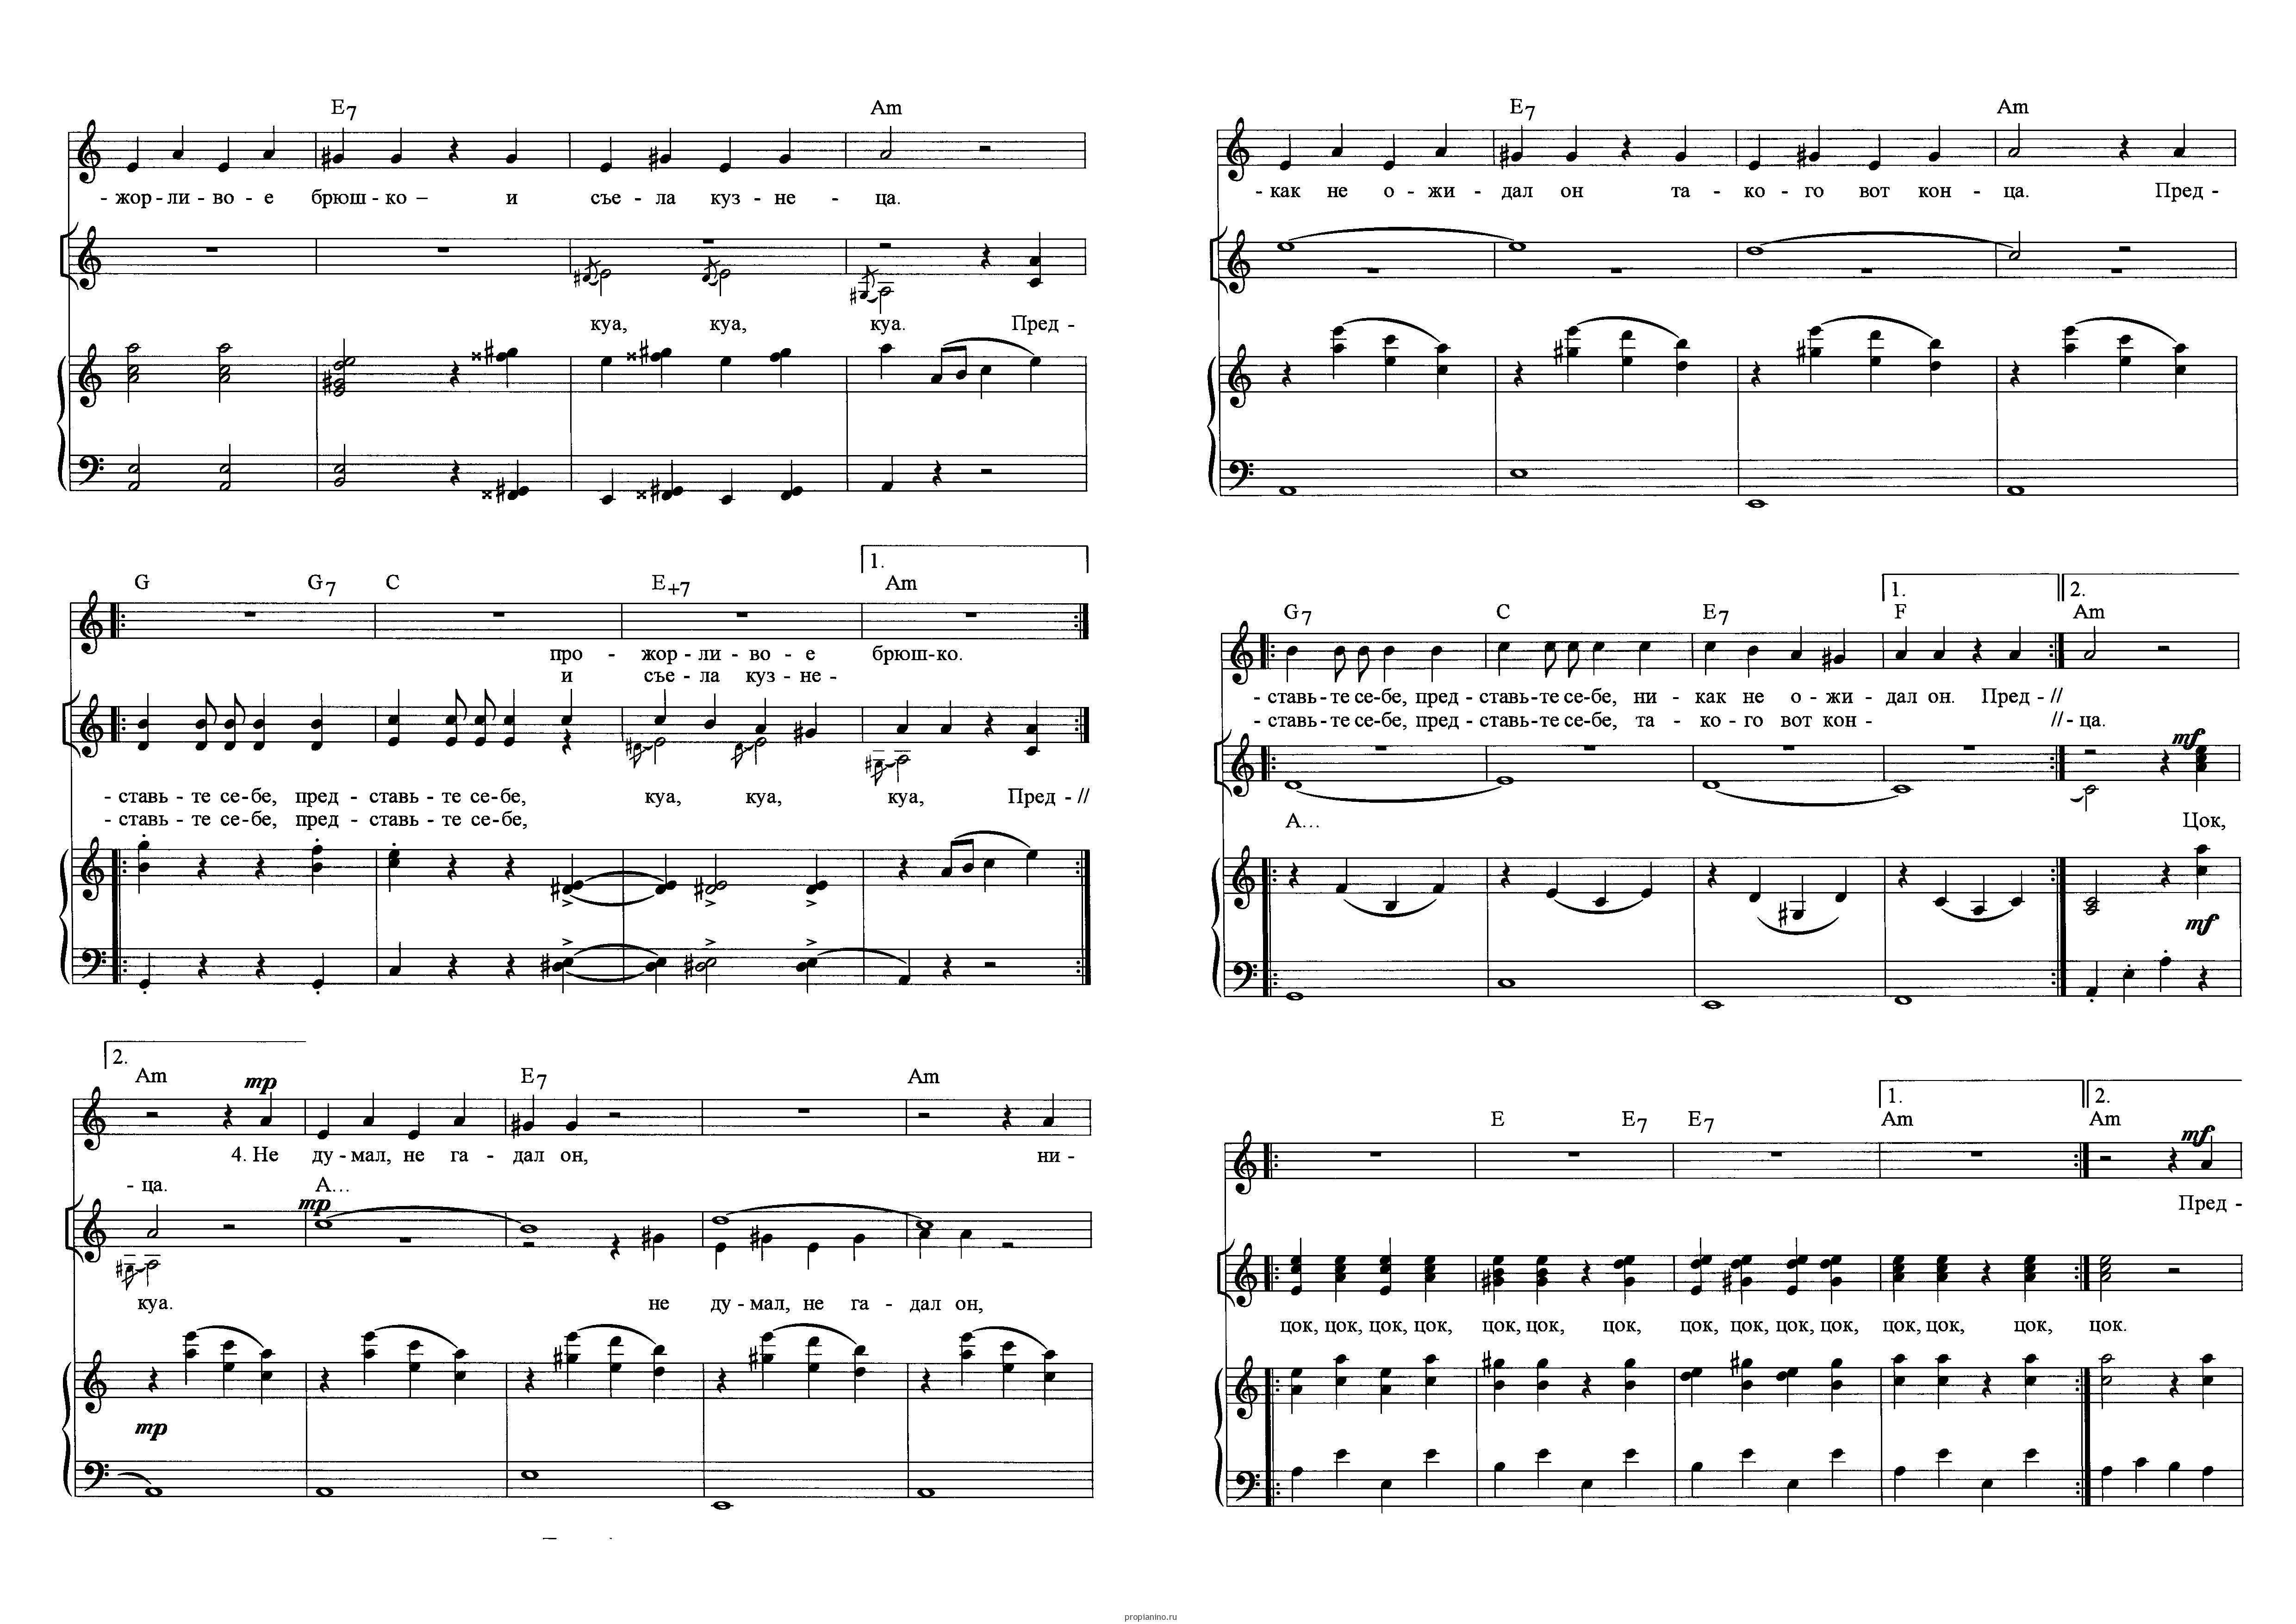 Песенка в траве сидел кузнечик аккорды - c49